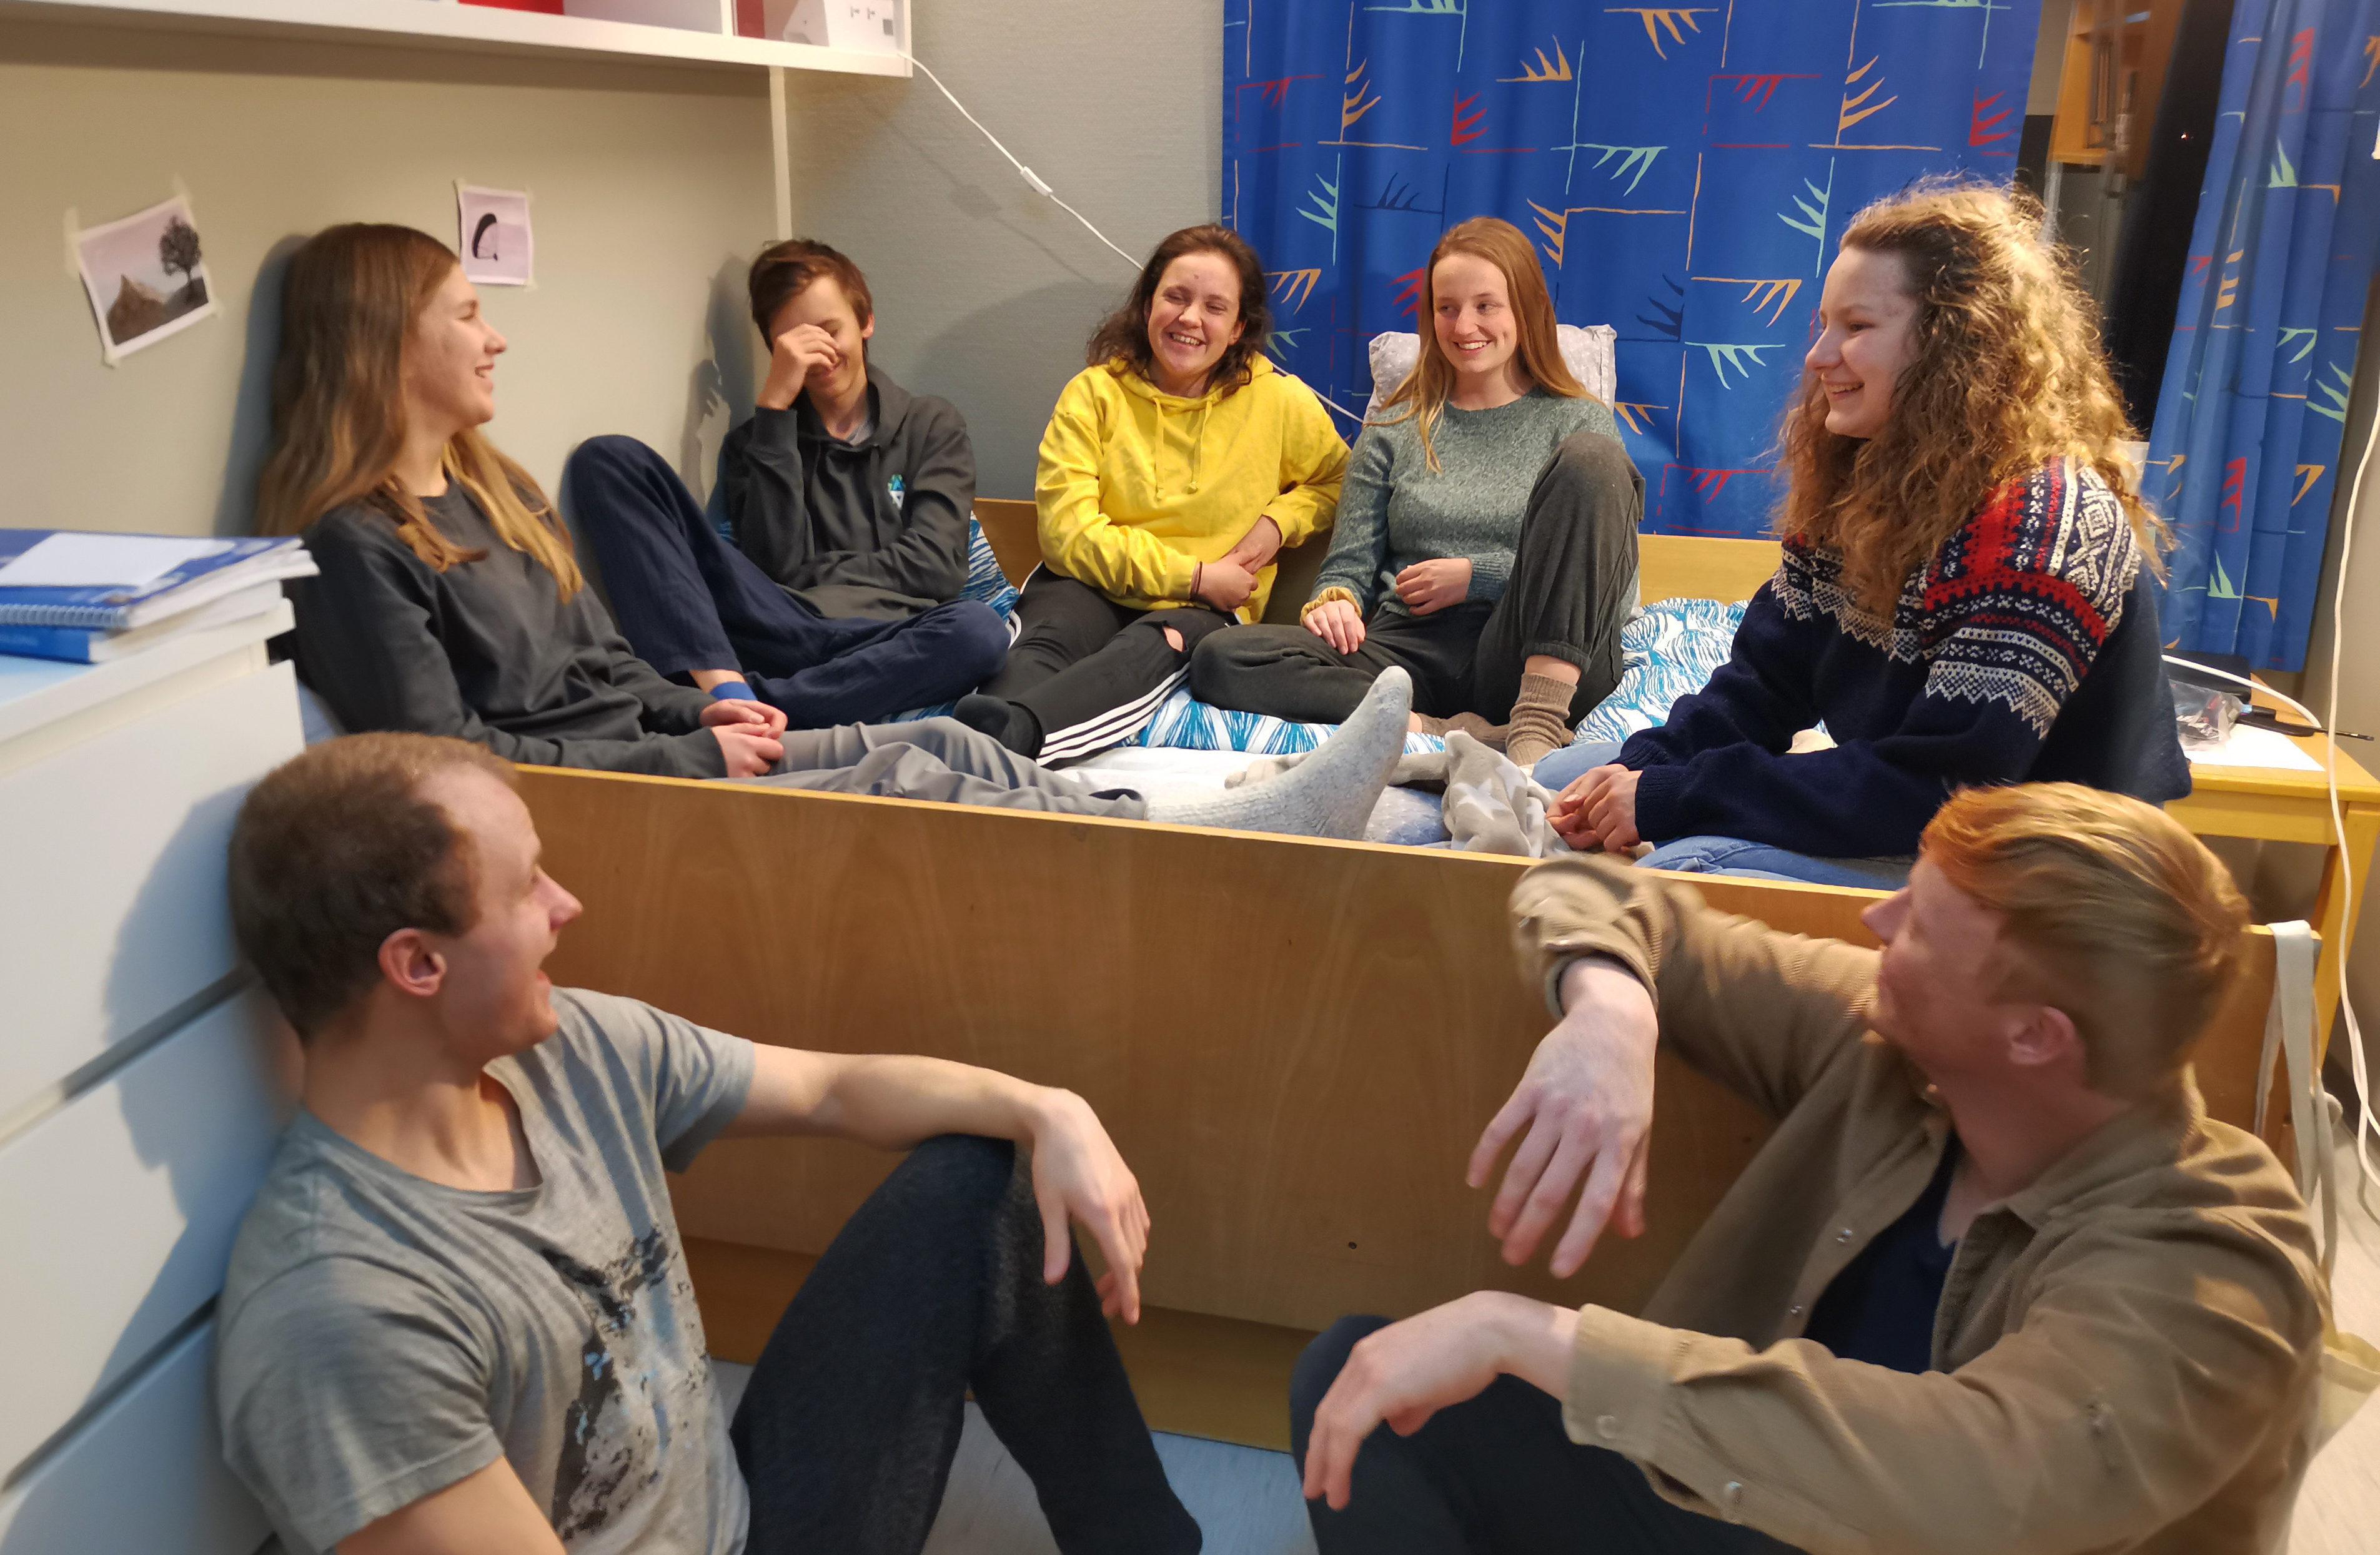 Folkehøgskole er muligheten for å sosialisere, klemme, lære, oppleve, utfordre, le, diskutere – sammen med andre! Bilde: Folkehøgskolen Nord-Norge